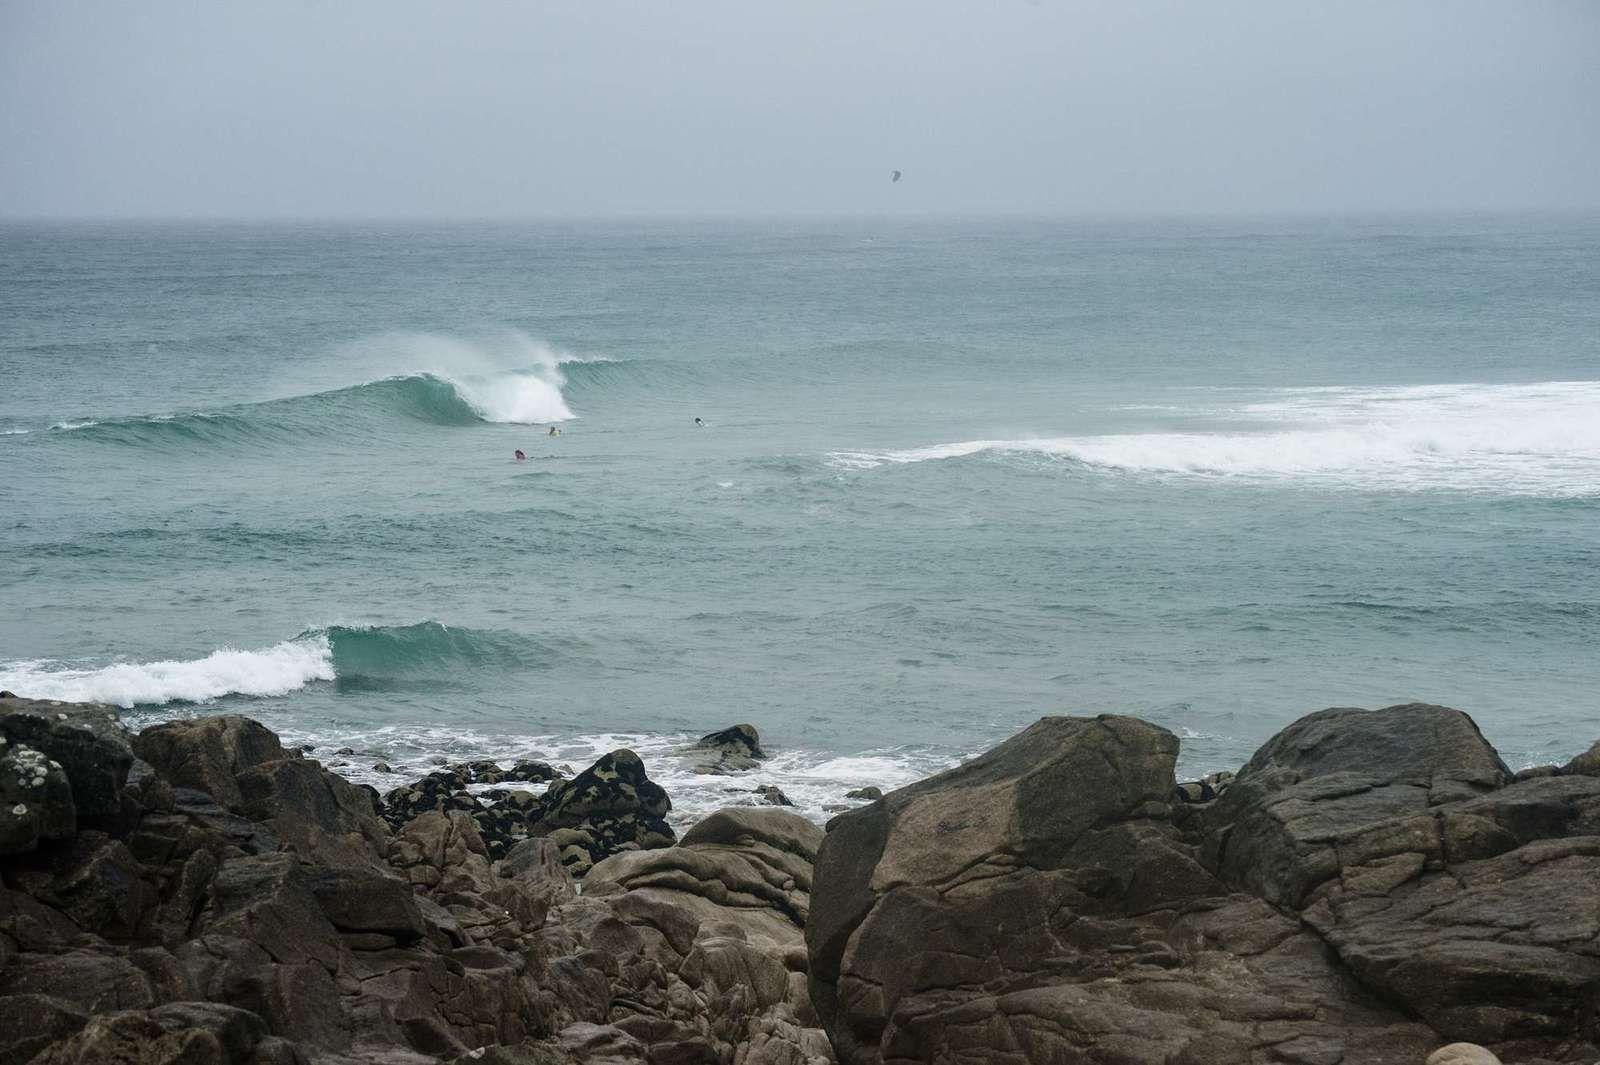 Ou surfer l'été en france